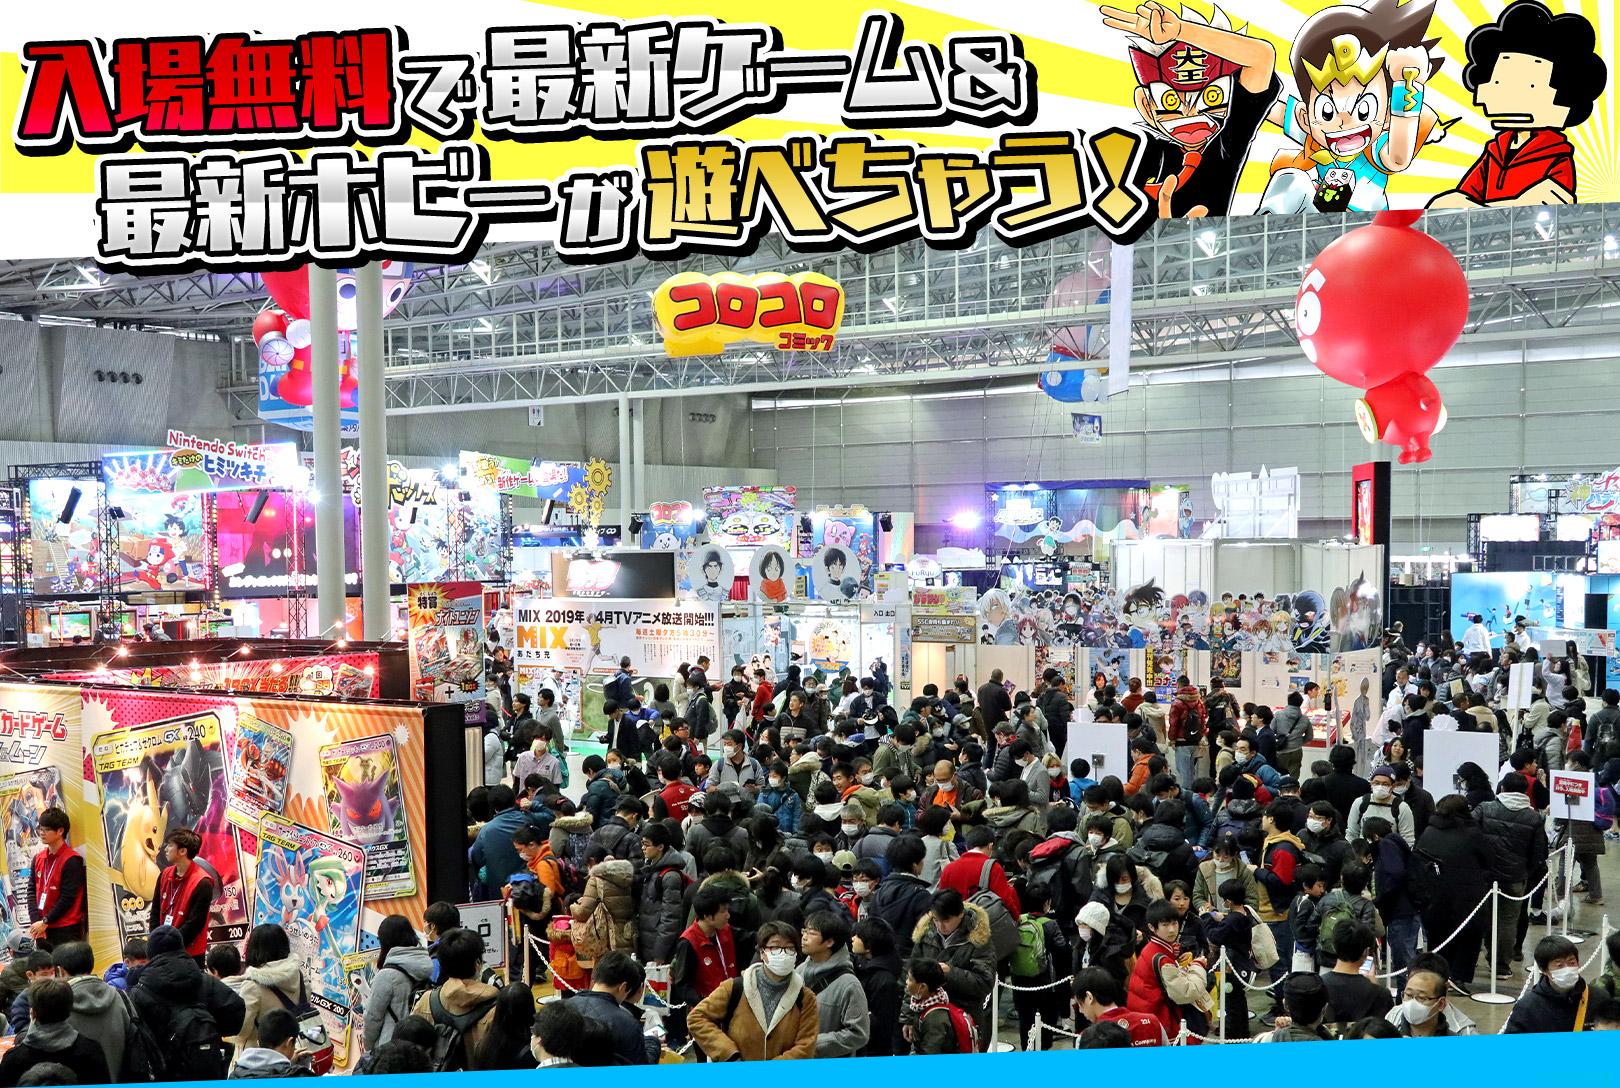 次世代ワールドホビーフェア'20 Winter 名古屋大会